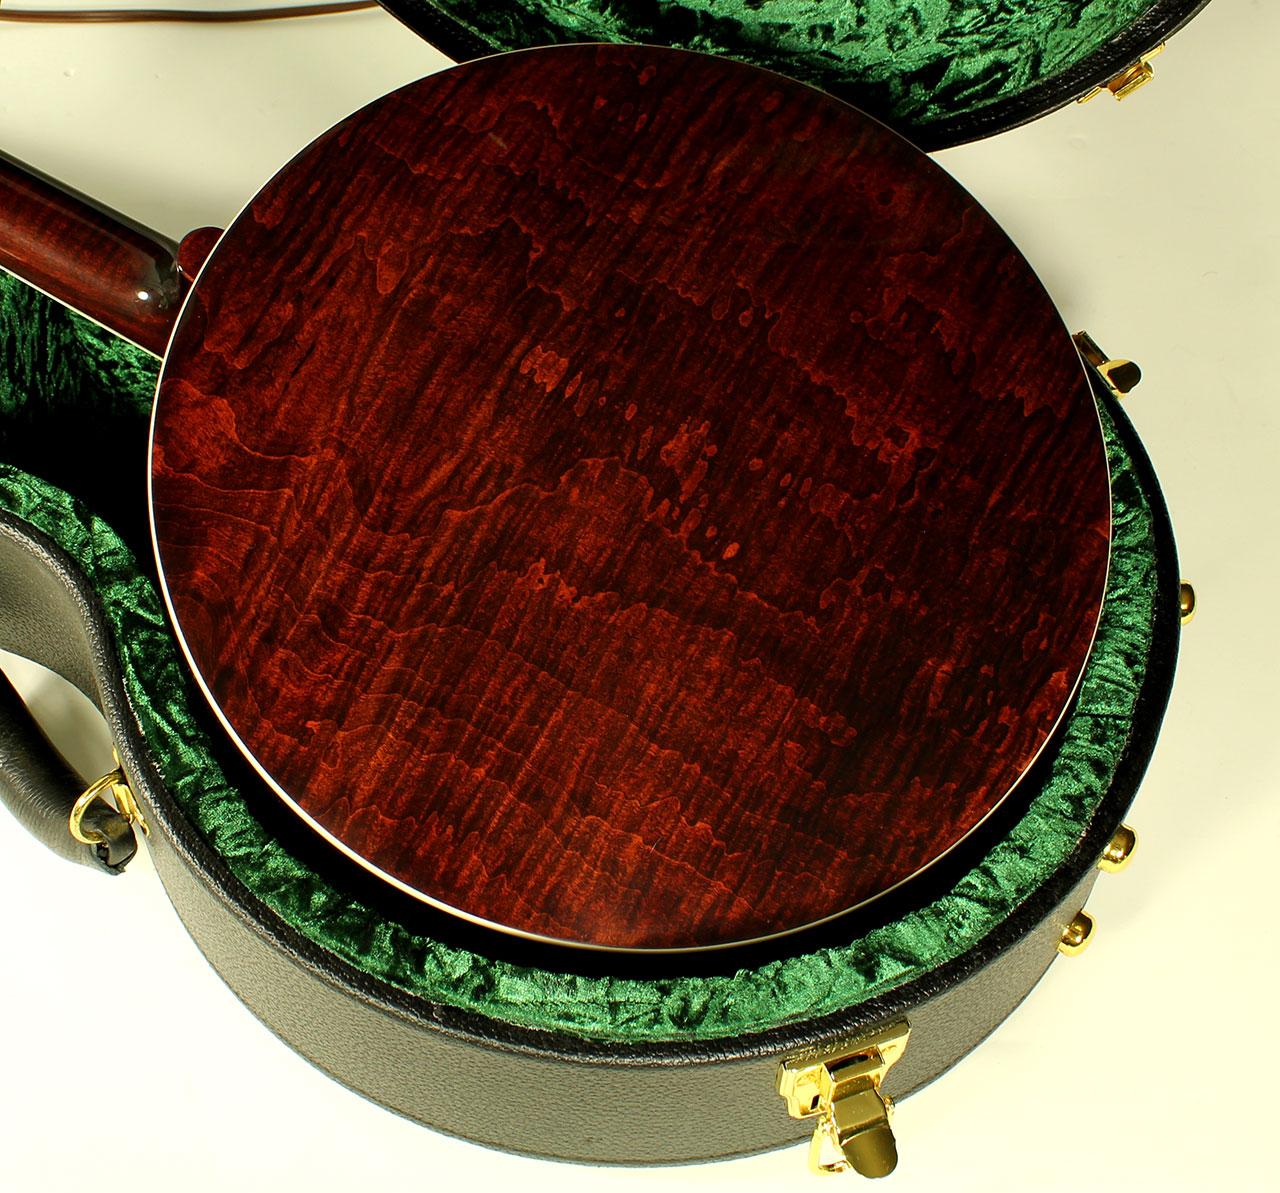 Huber-berkshire-trutone-banjo-resonator-back-2